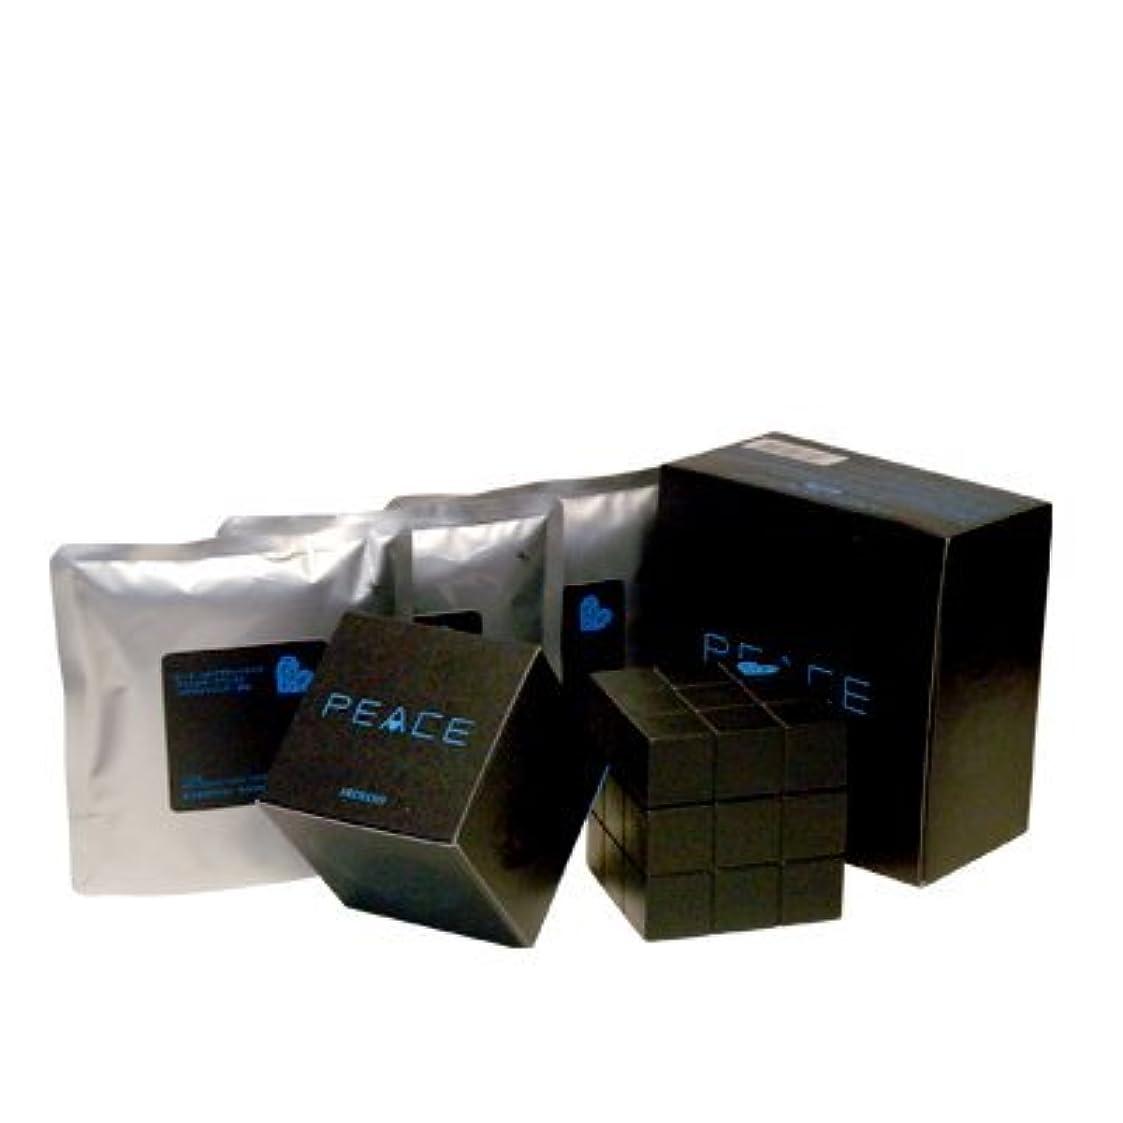 パリティ目指す簿記係アリミノ ピース プロデザインシリーズ フリーズキープワックス ブラック80g+詰め替え80g×3